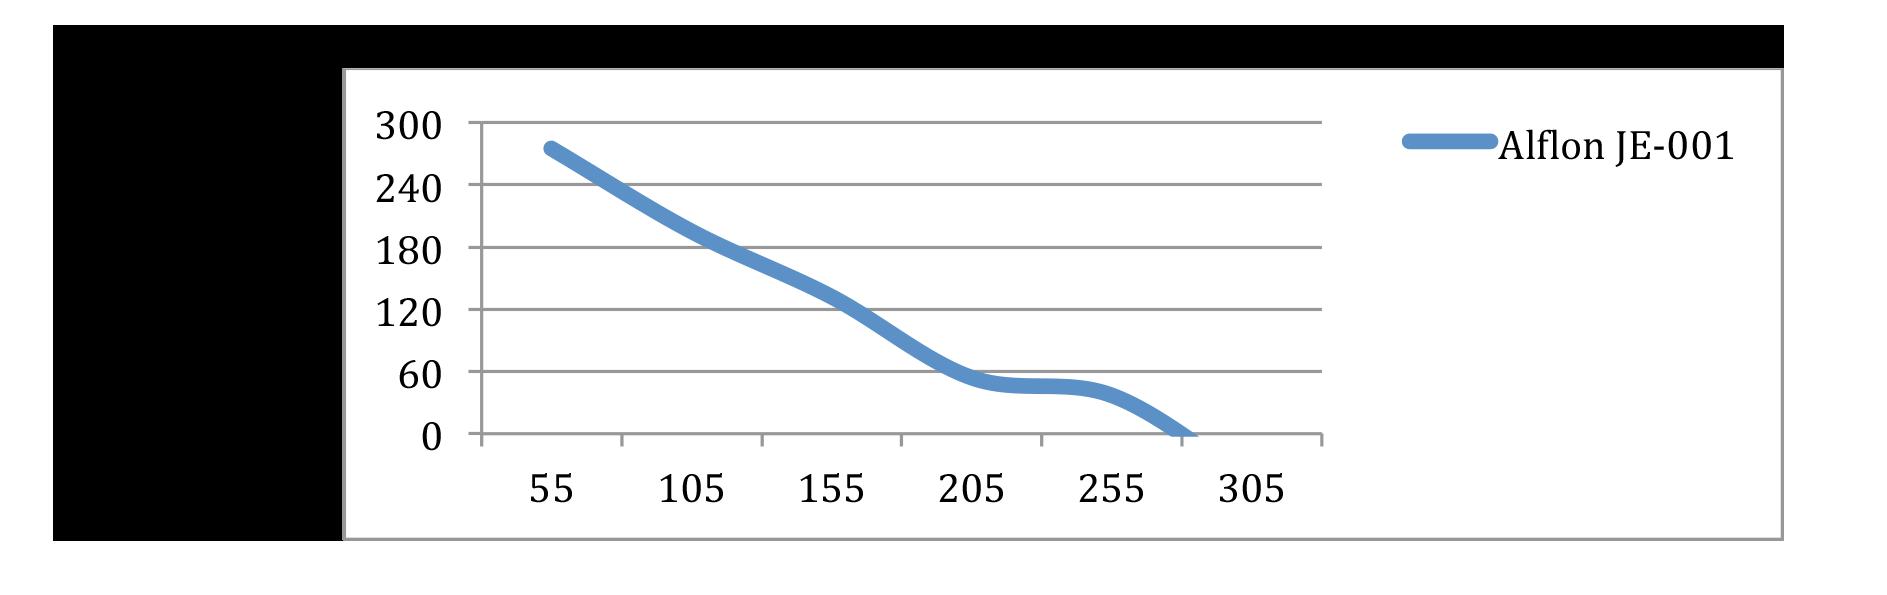 ALFLON-Series-Temperature